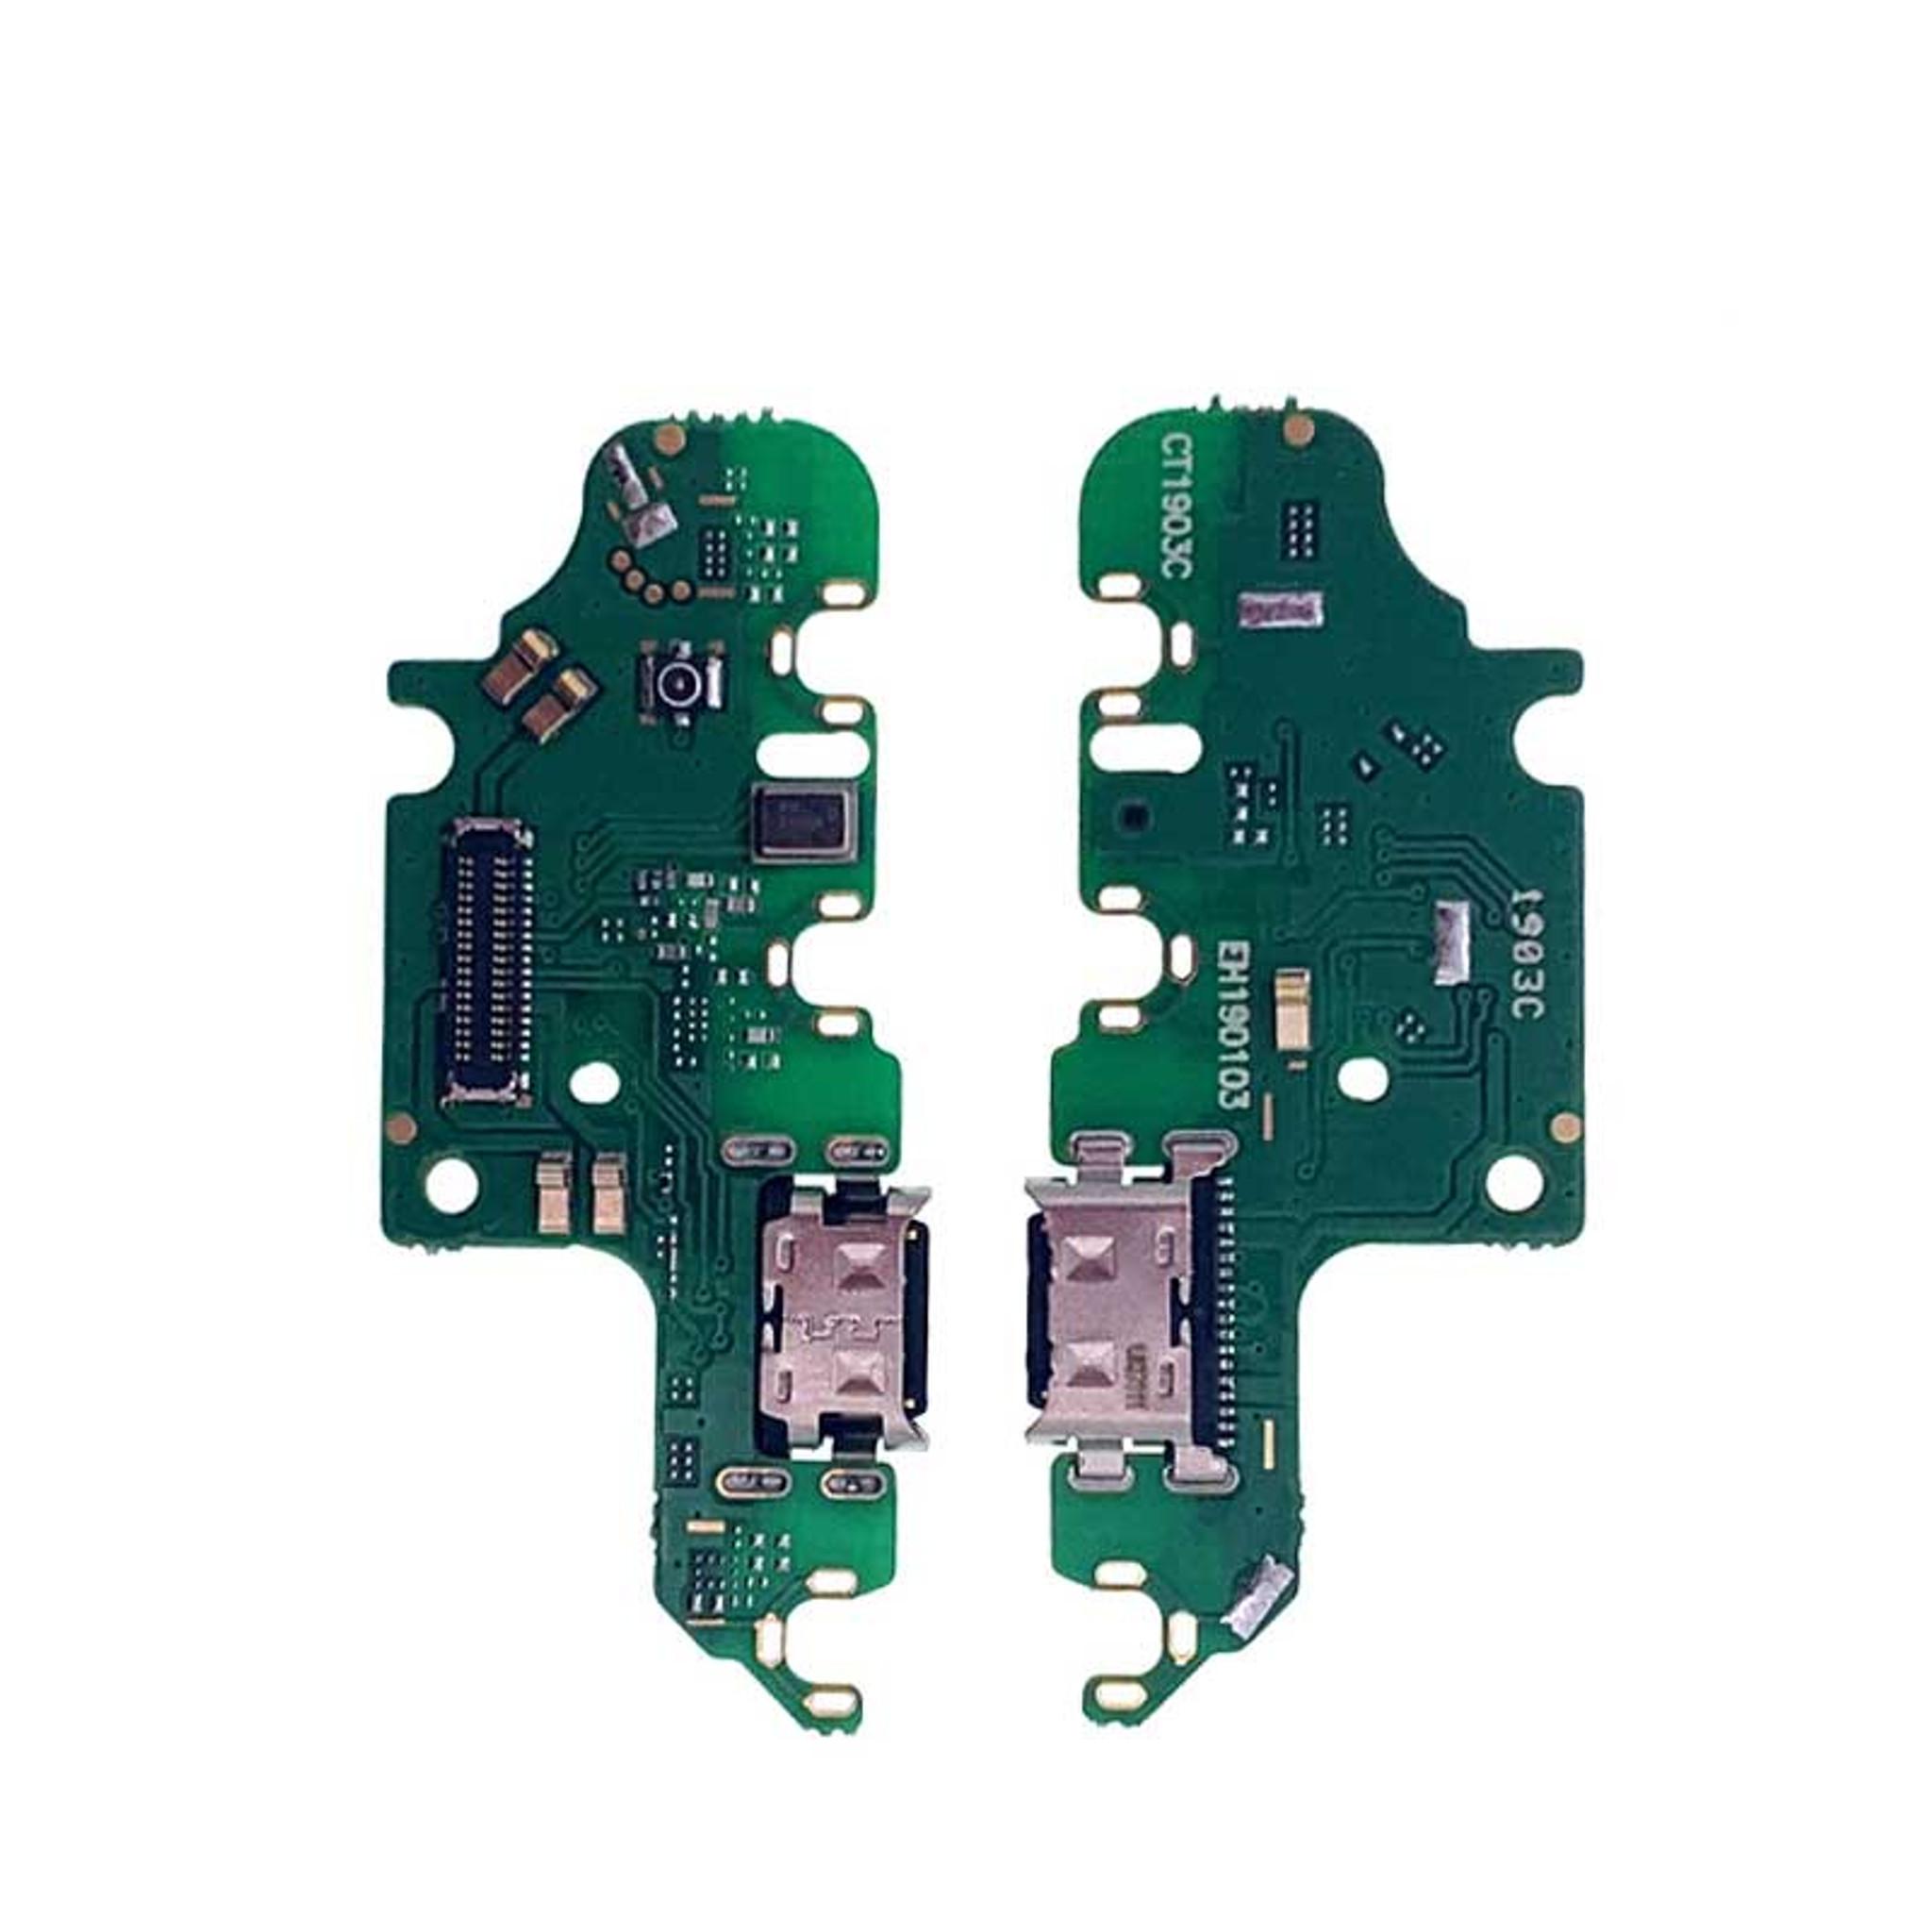 Huawei Nova 4 Charging Port Pcb Board